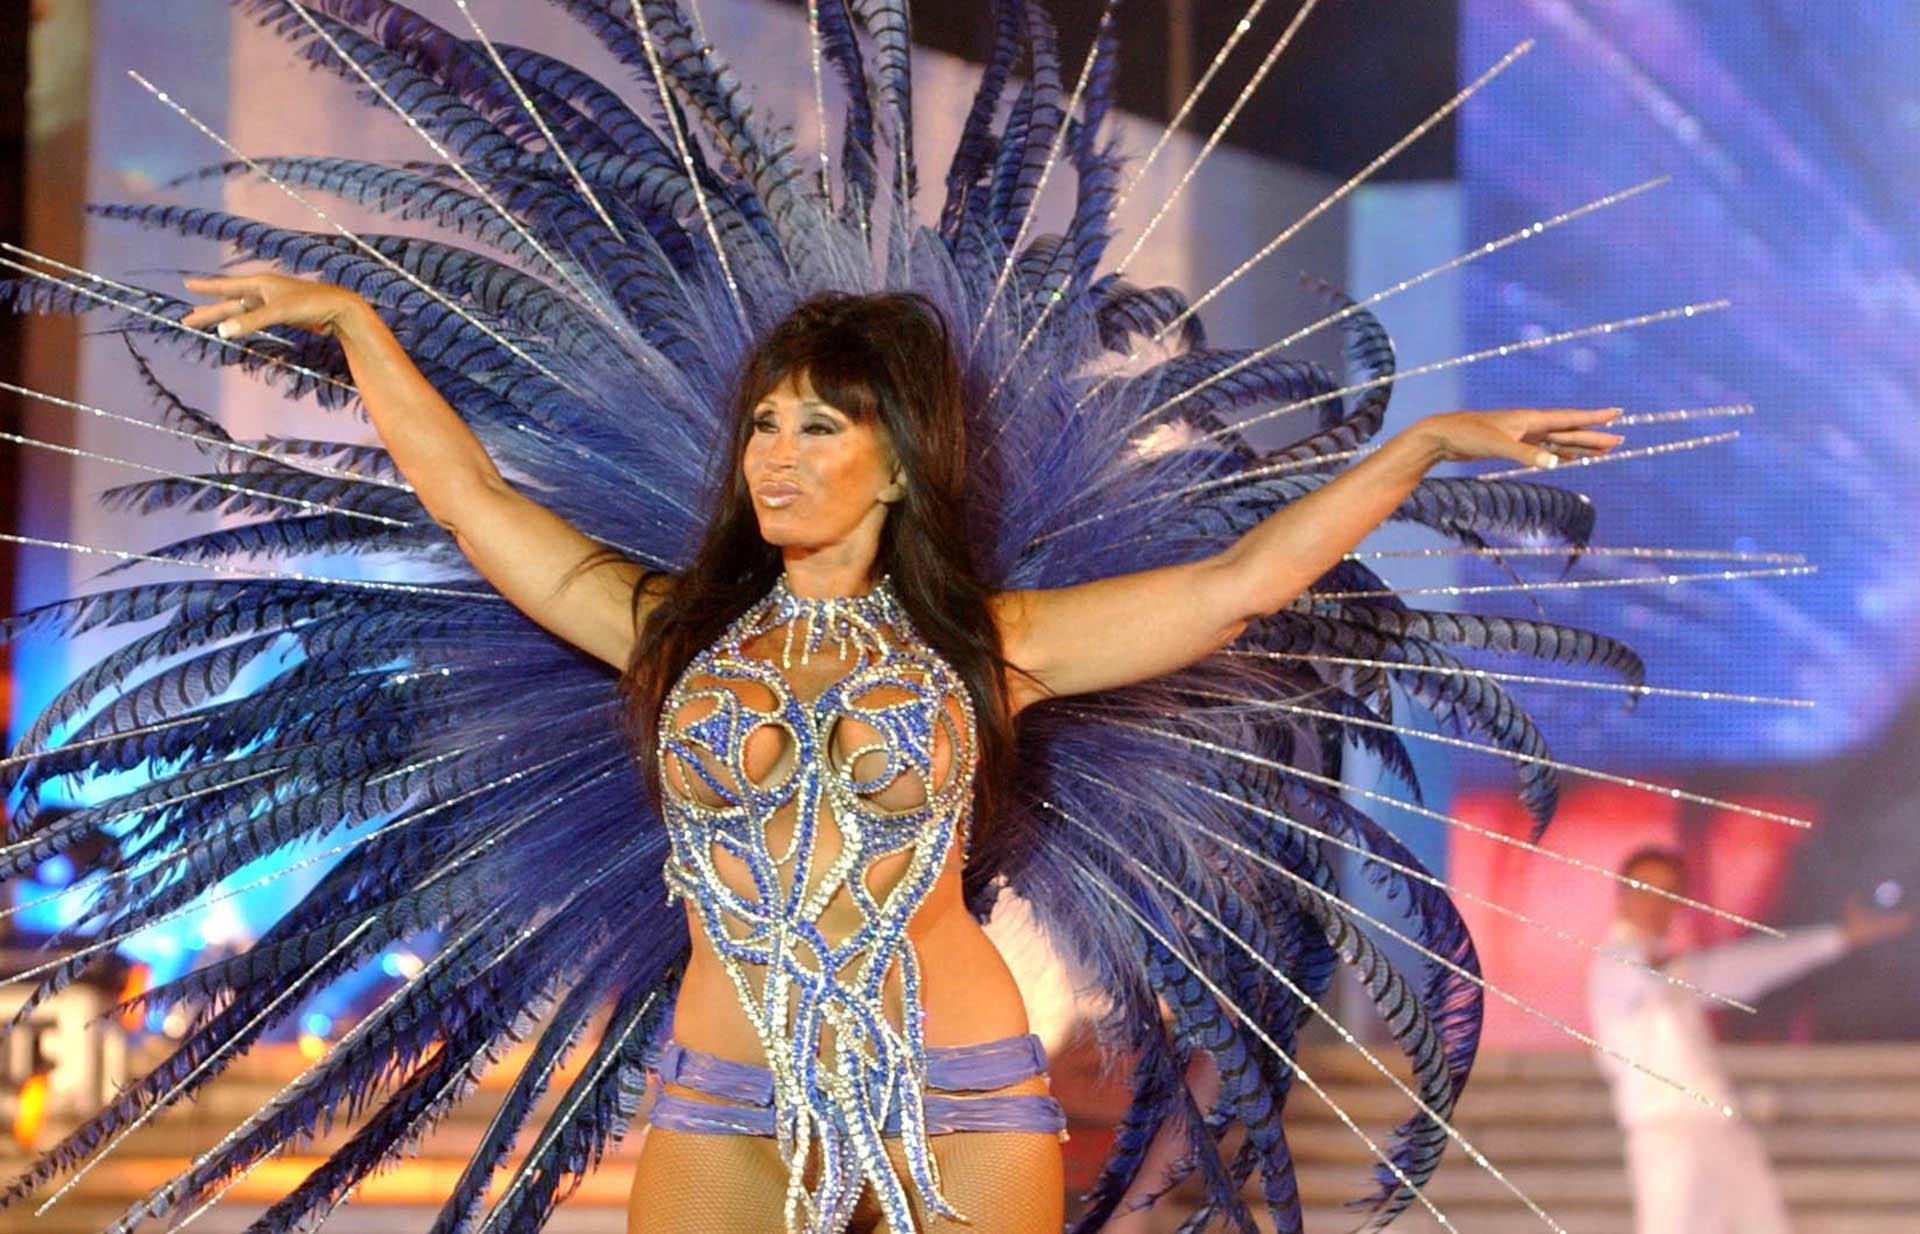 Moria Casan participó de la presentaciónde Mar del Plata Moda Show, en las escalinatas del Hotel Costa Galana